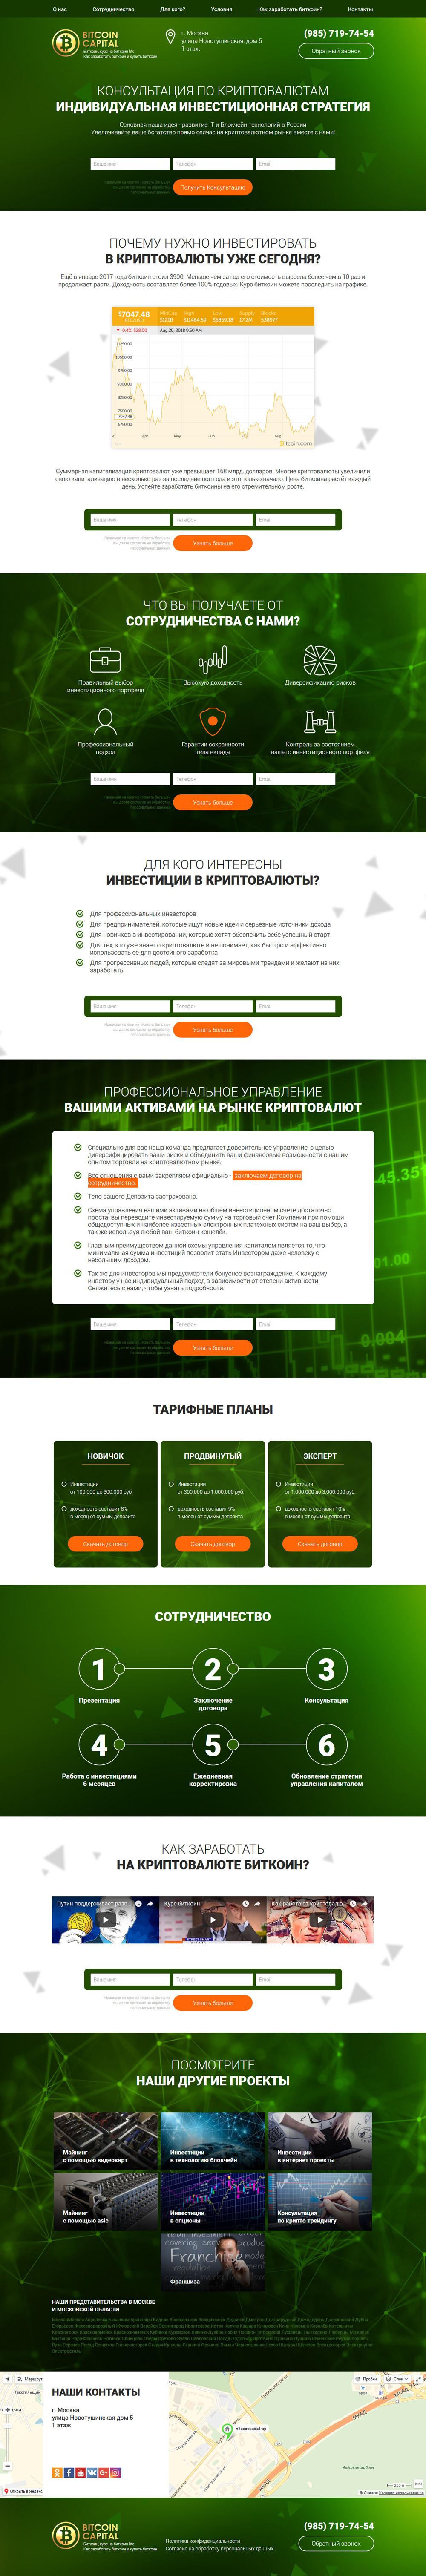 Шаблон лендинга: Инвестиции в криптовалюты